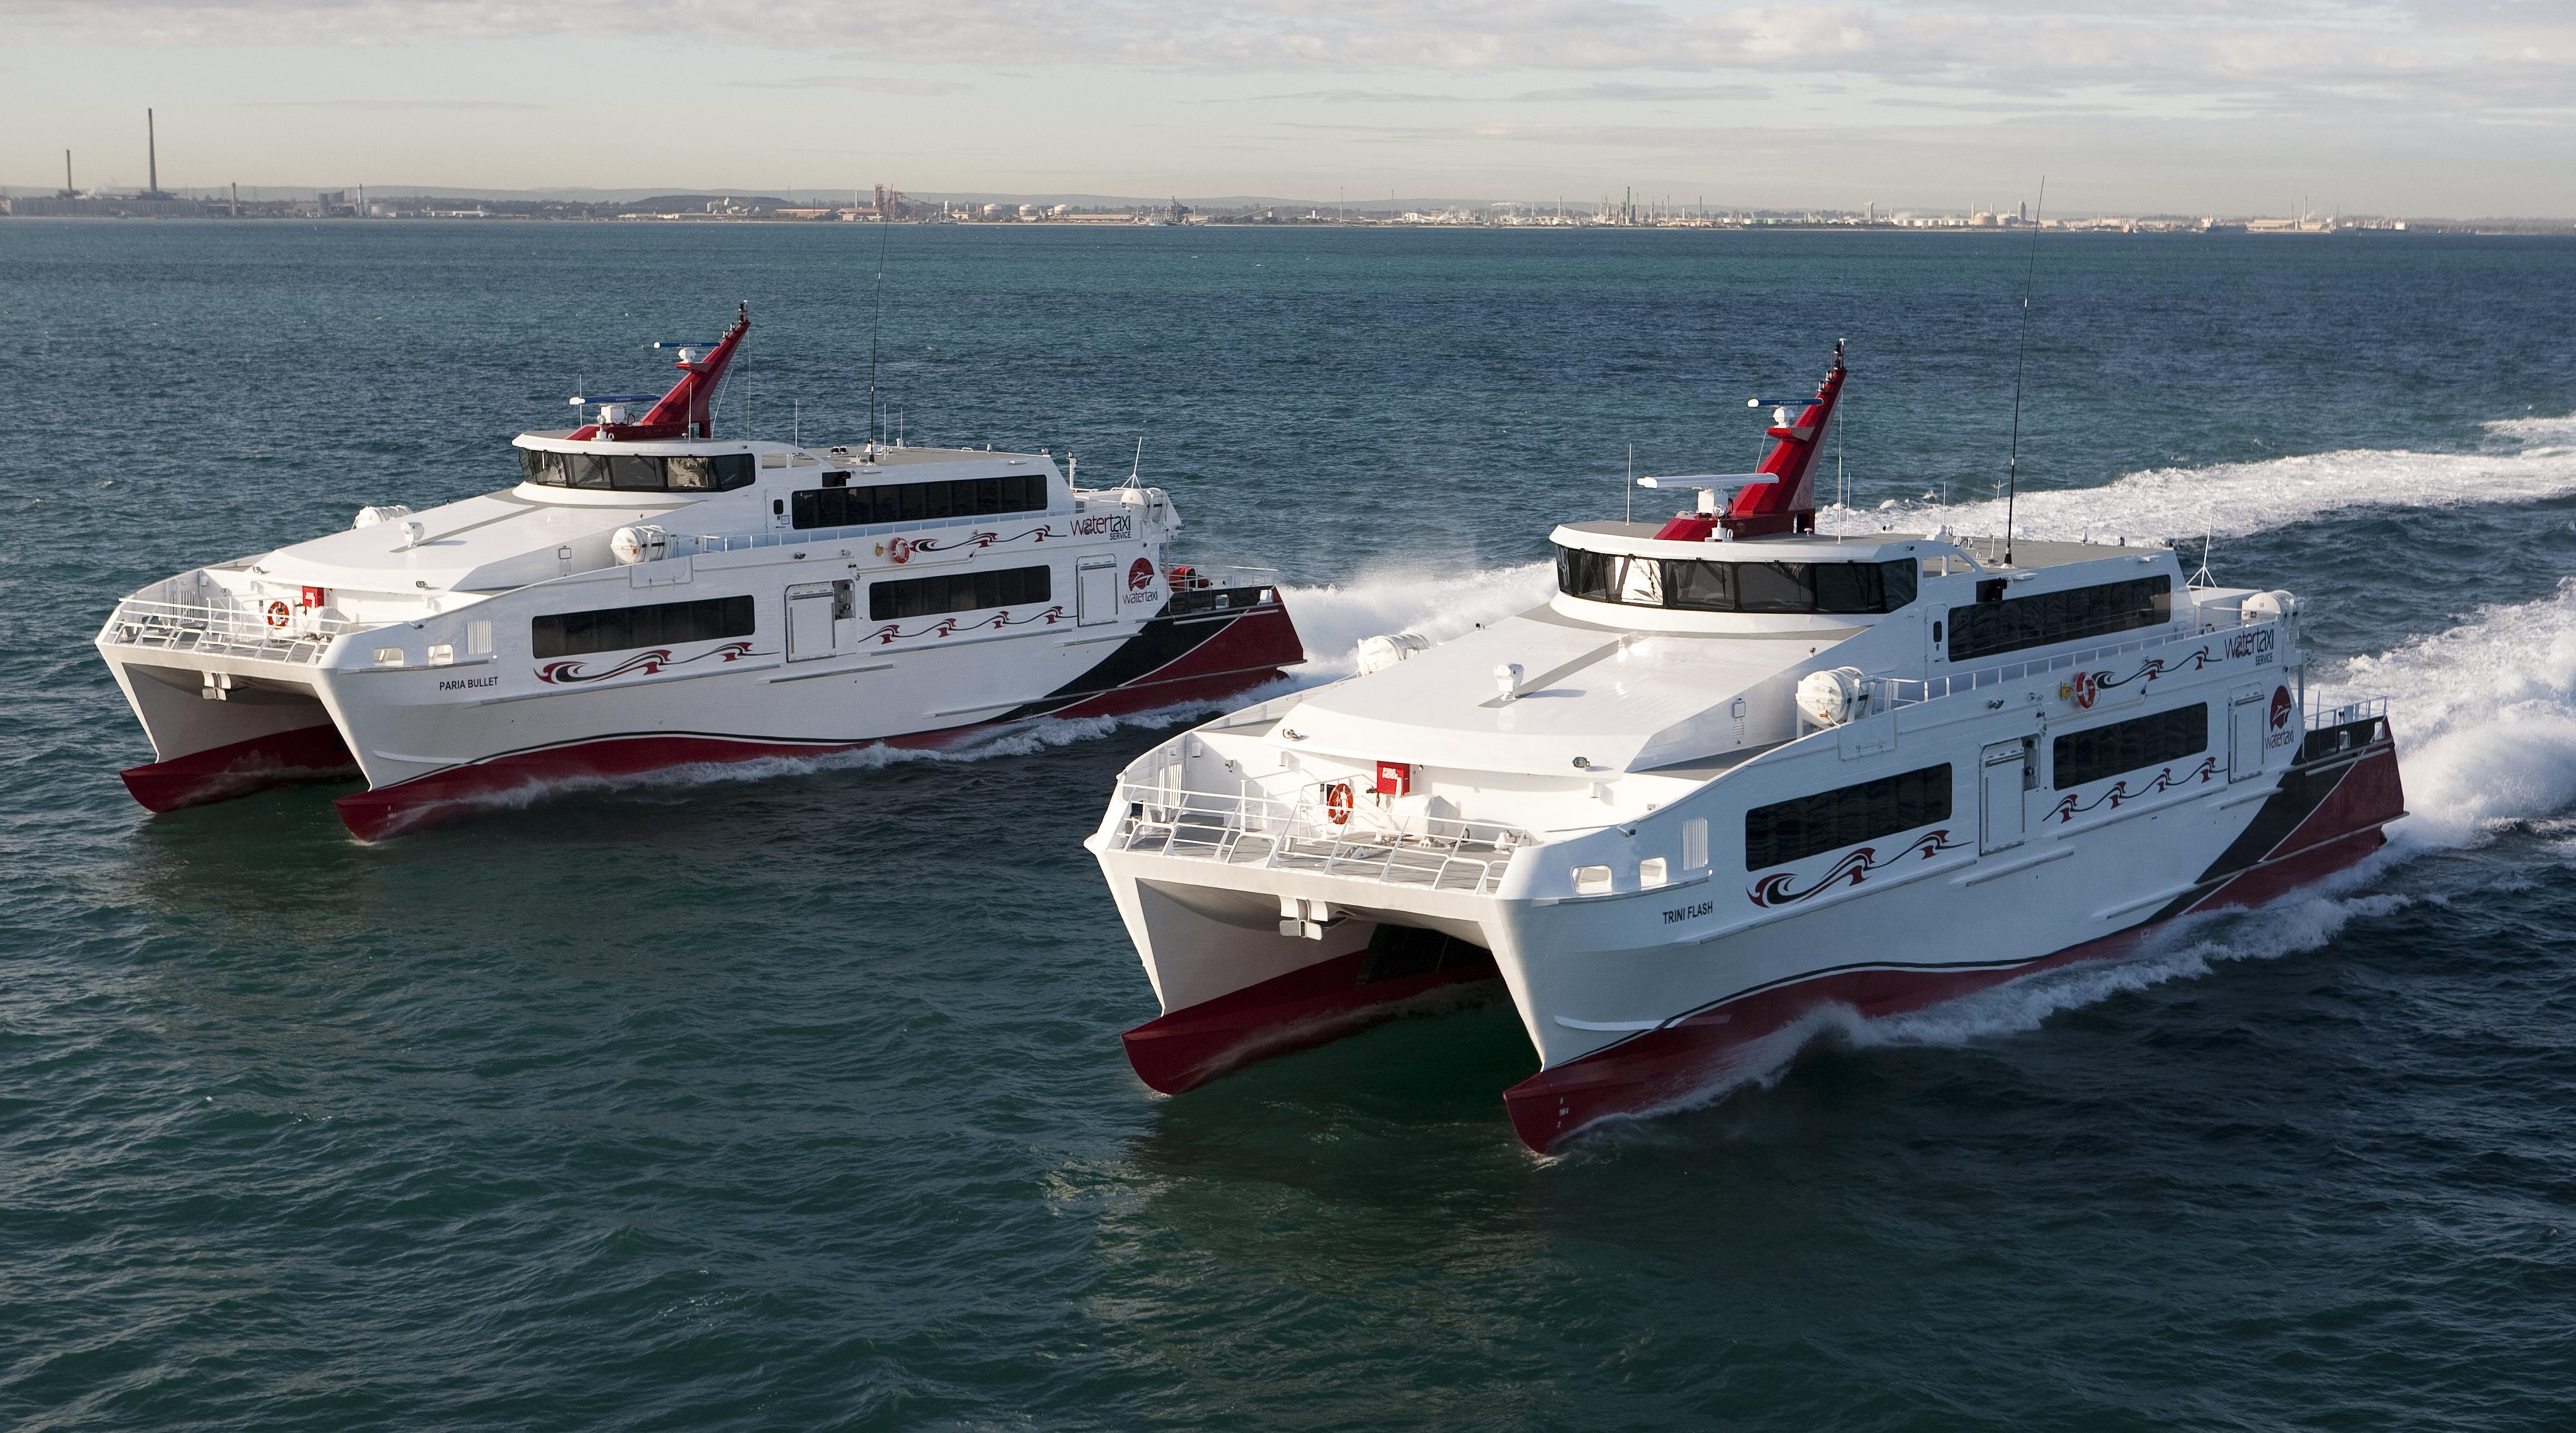 trinidad and tobago water taxi 41m